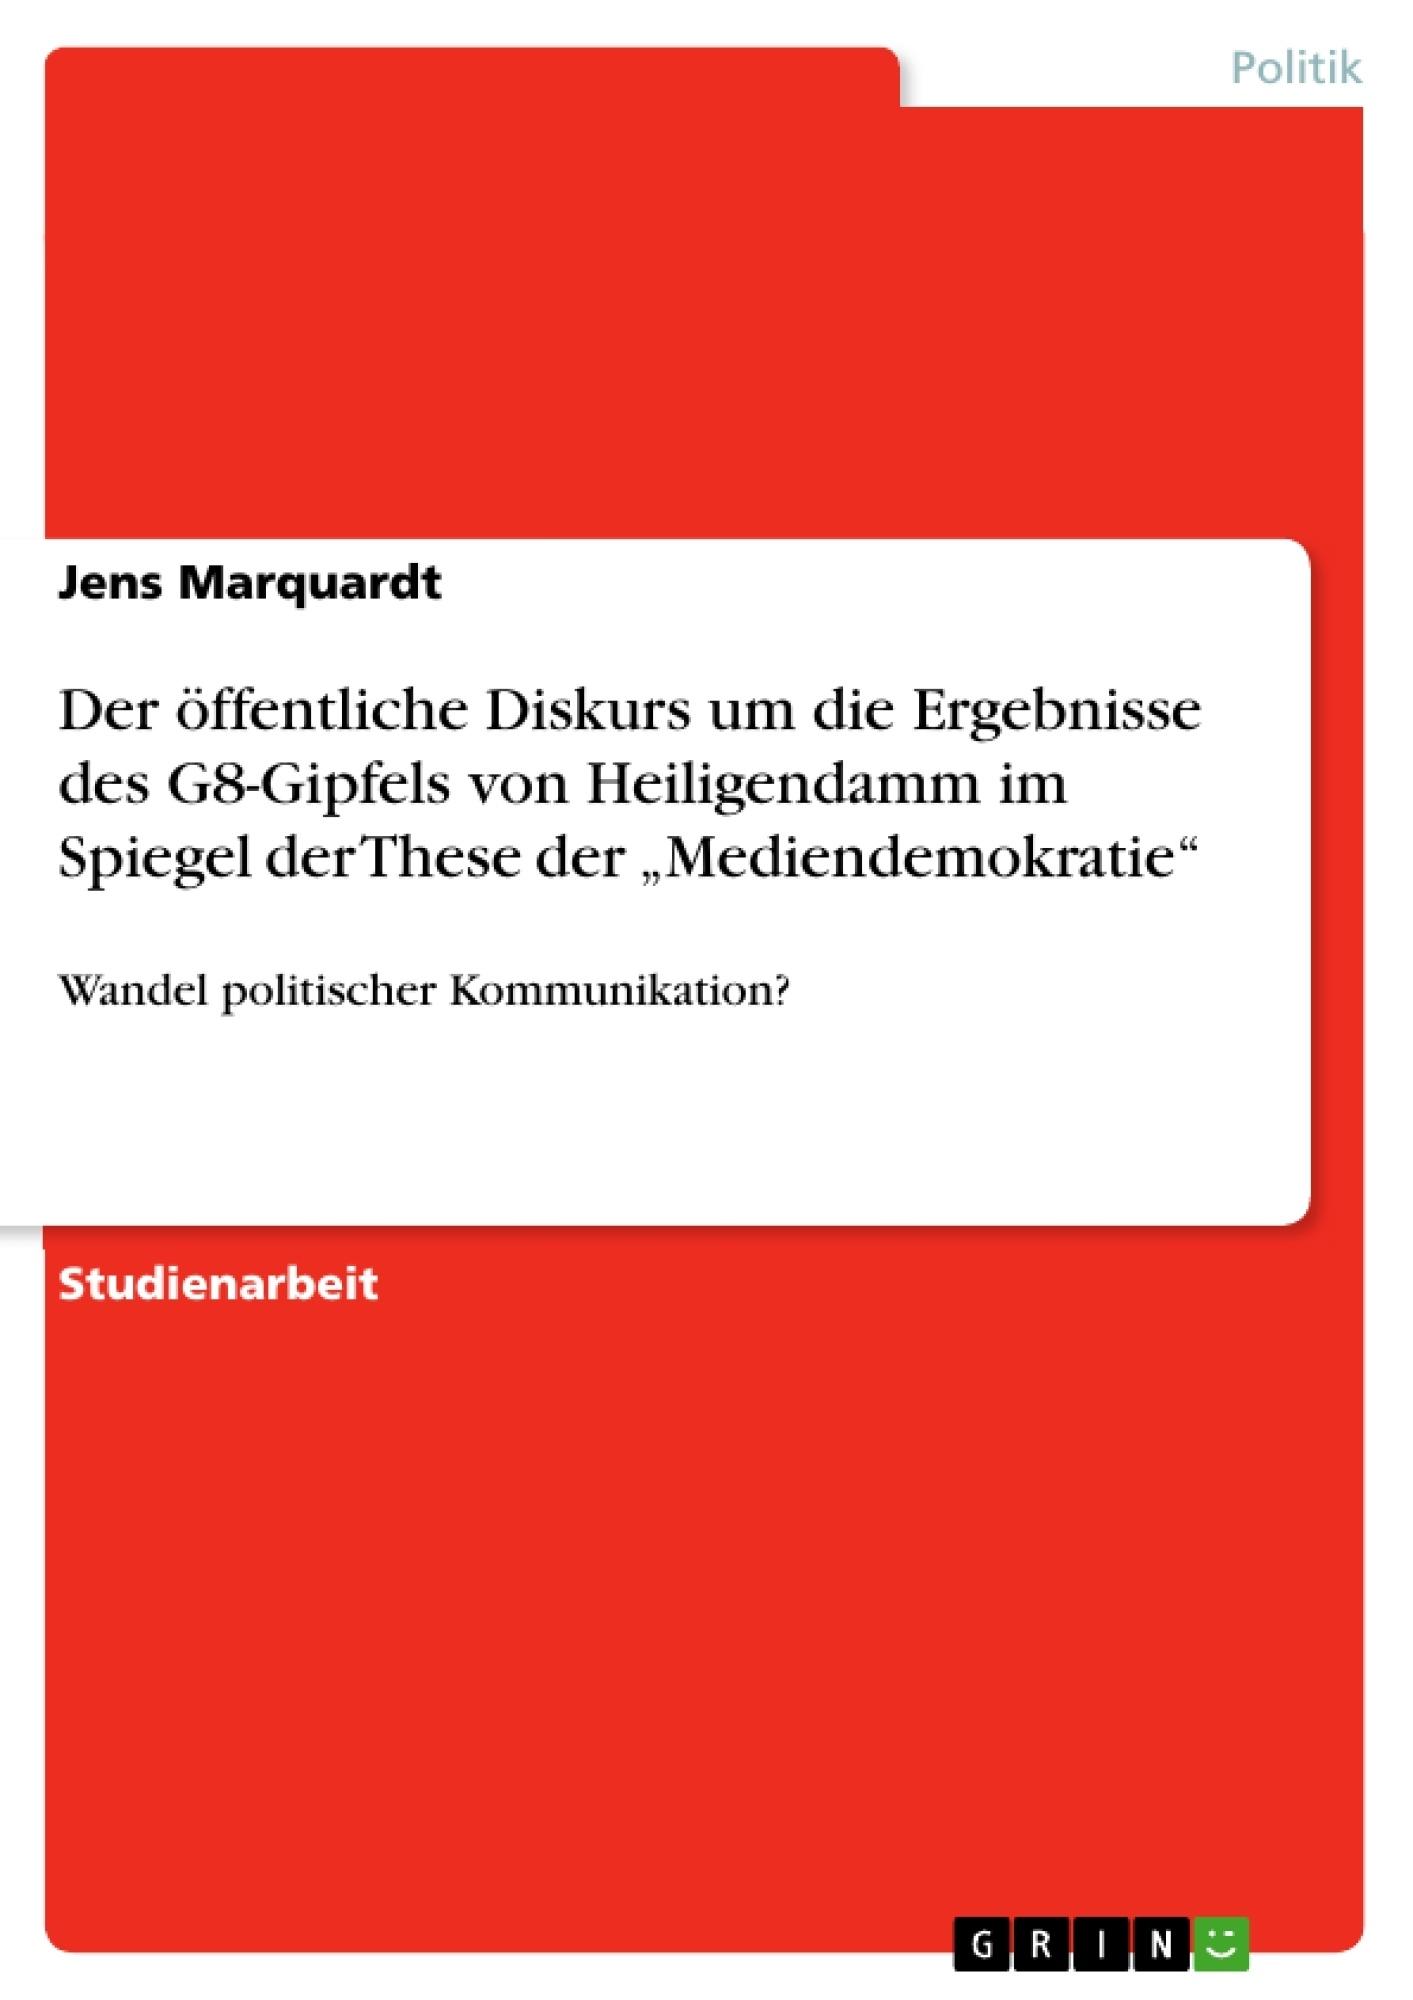 """Titel: Der öffentliche Diskurs um die  Ergebnisse des G8-Gipfels von Heiligendamm im Spiegel der These der """"Mediendemokratie"""""""